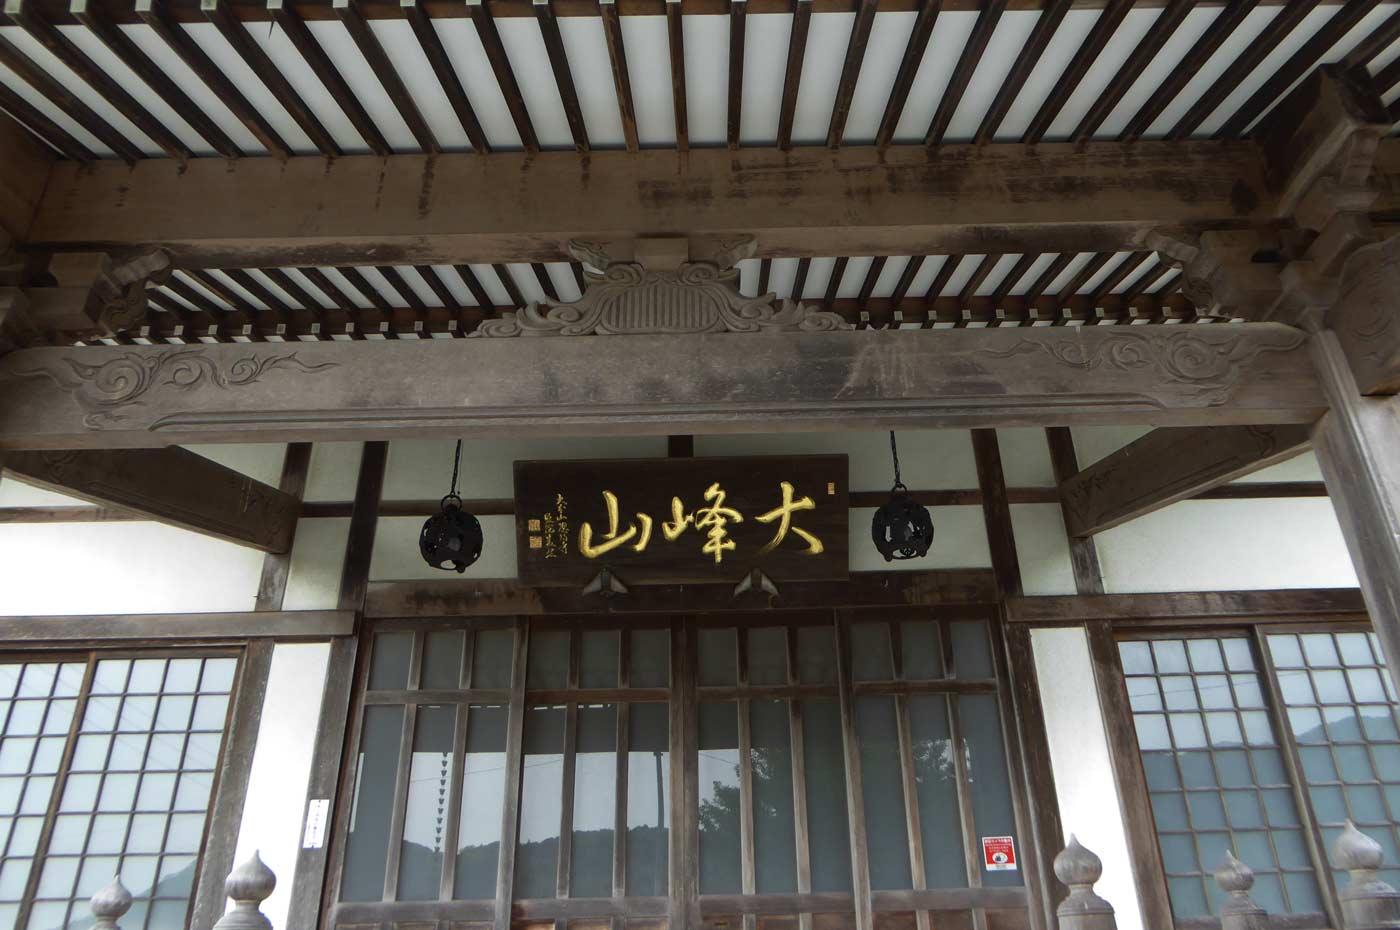 昌龍寺の山号額の画像